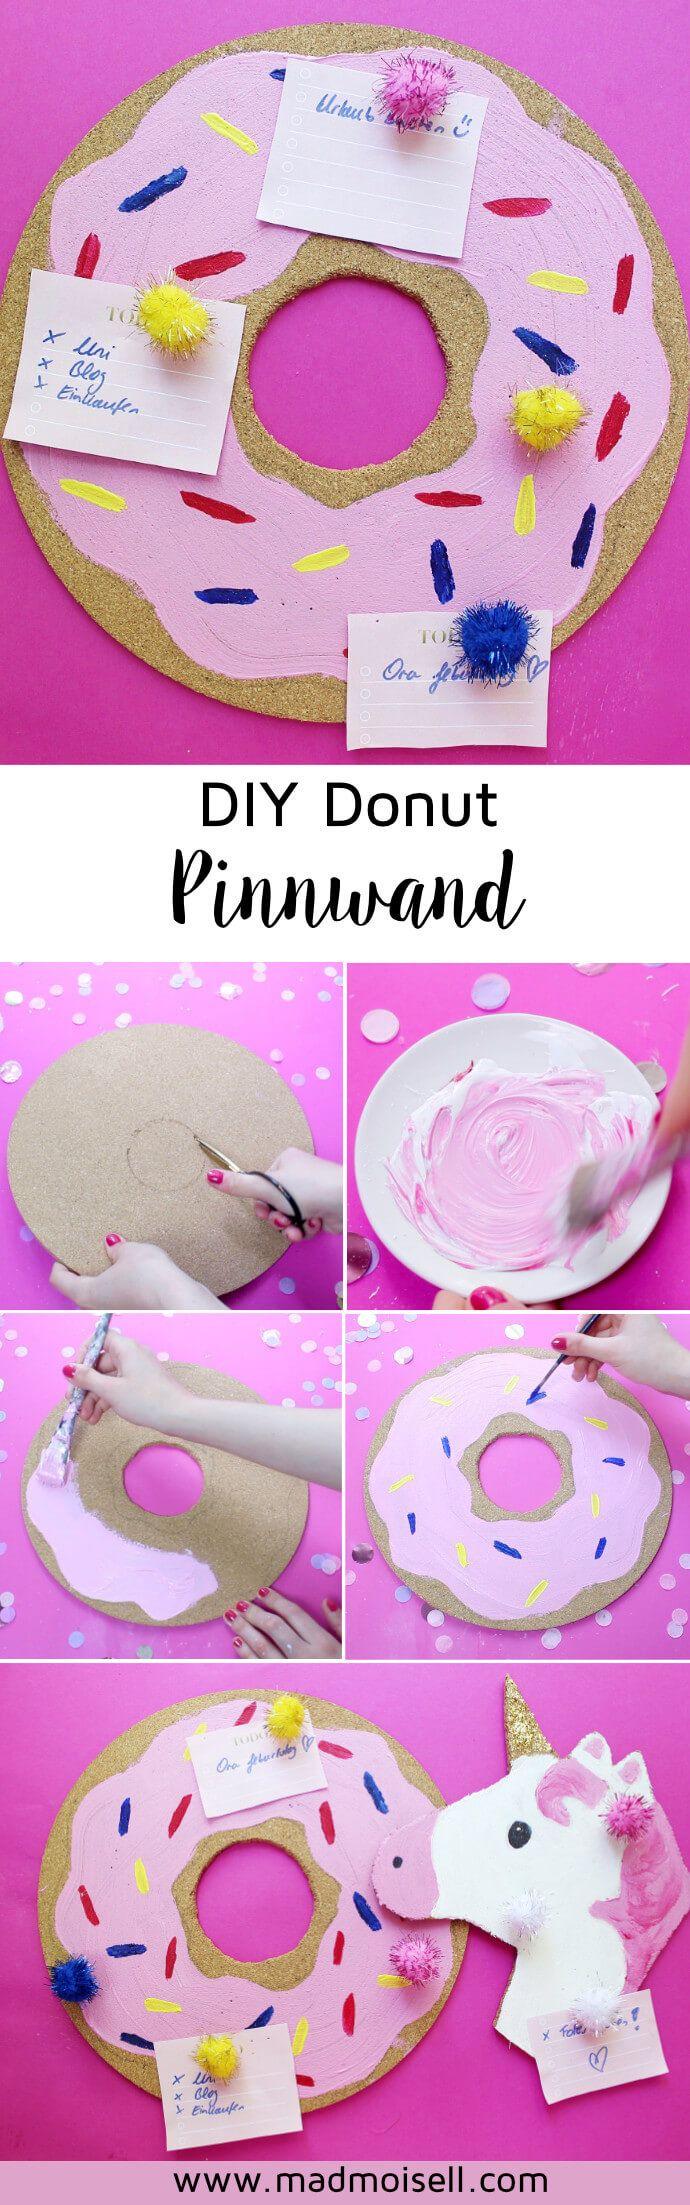 DIY Pinnwand Selber Machen: Donut U0026 Einhorn Style! Diese Coolen Pinnwände  Verzaubern Euren Schreibtisch